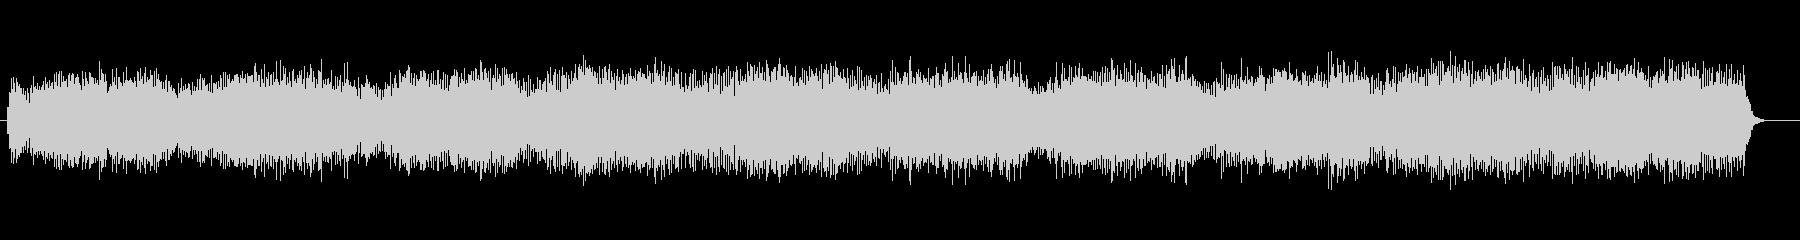 独創的な世界観のあるハウス調電子音の未再生の波形